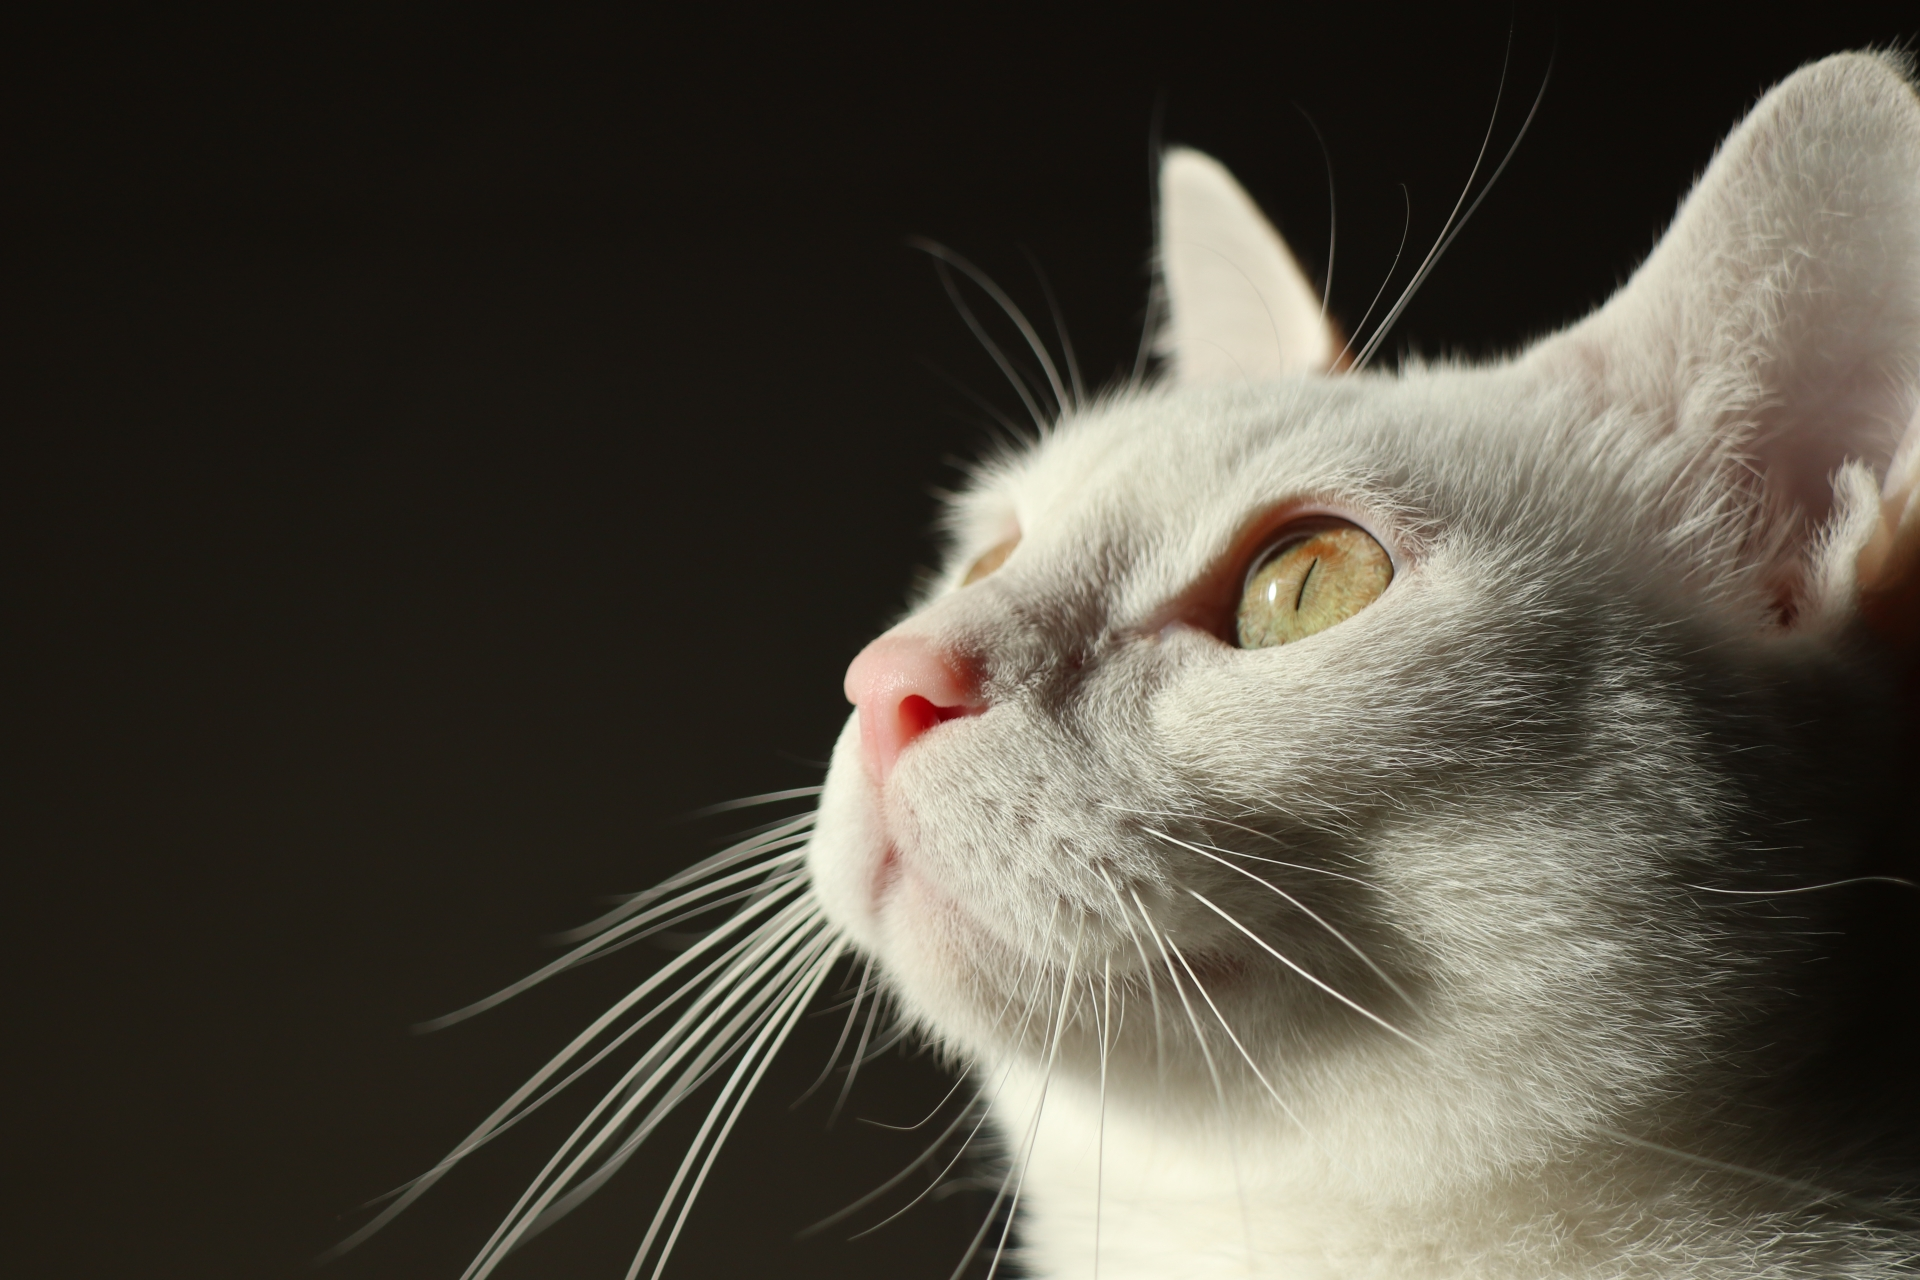 保護猫の里親になれる人の条件とは?【覚悟が必要です】